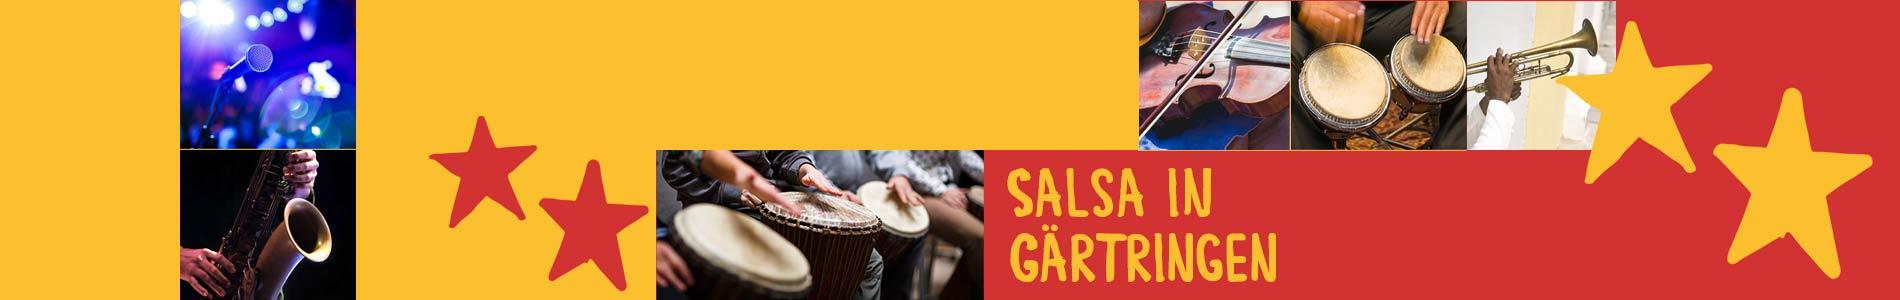 Salsa in Gärtringen – Salsa lernen und tanzen, Tanzkurse, Partys, Veranstaltungen